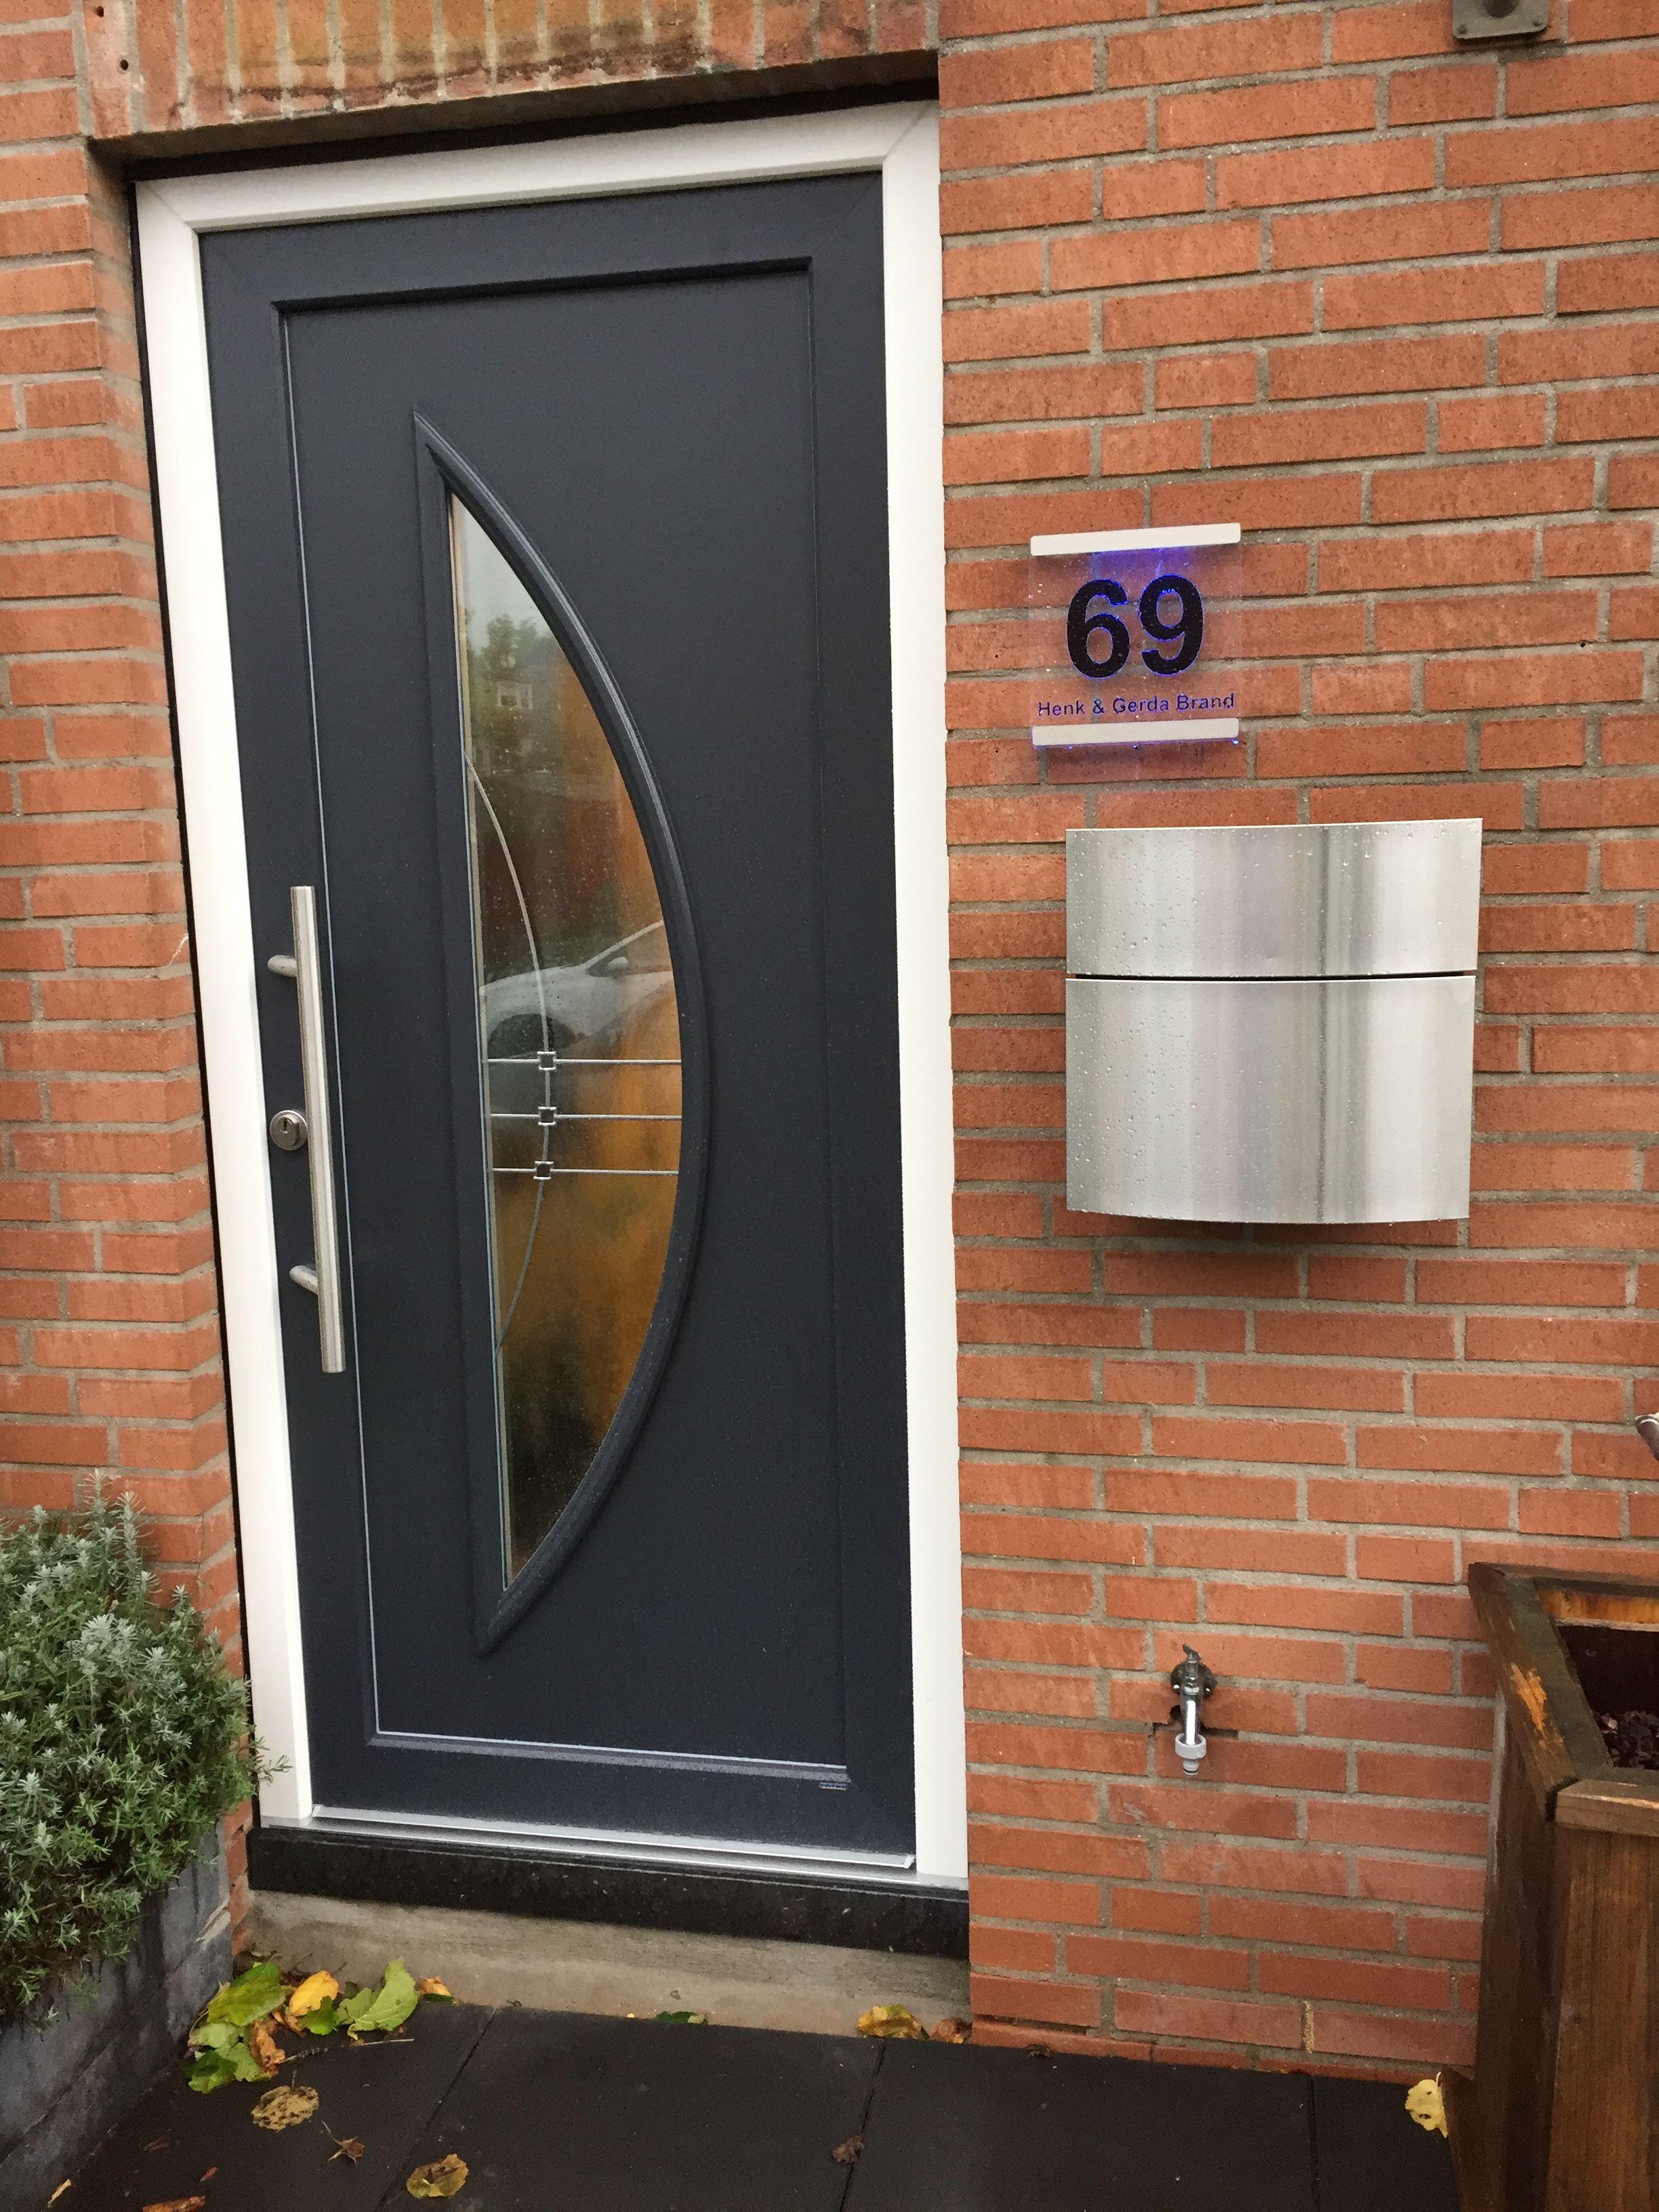 Also a nice front door?